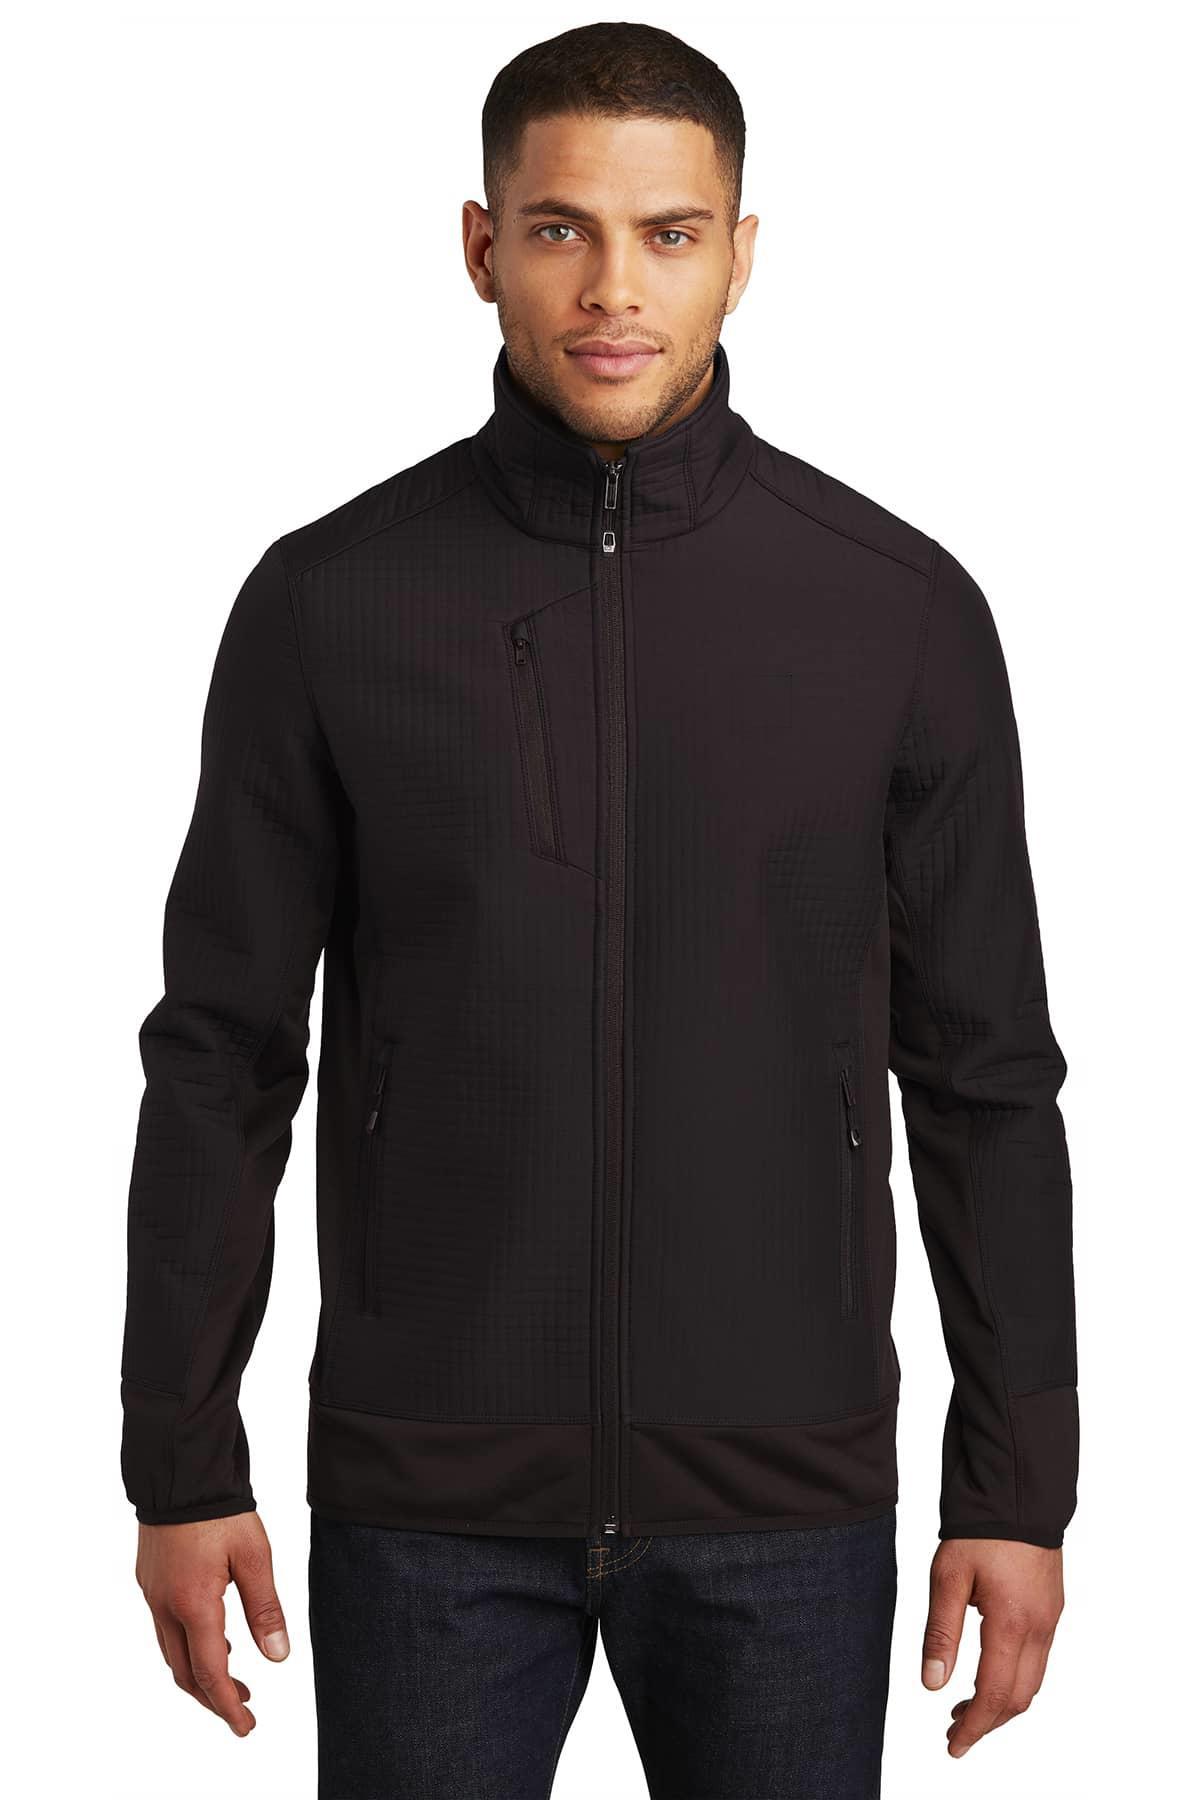 Ogio OG726 Trax Jacket